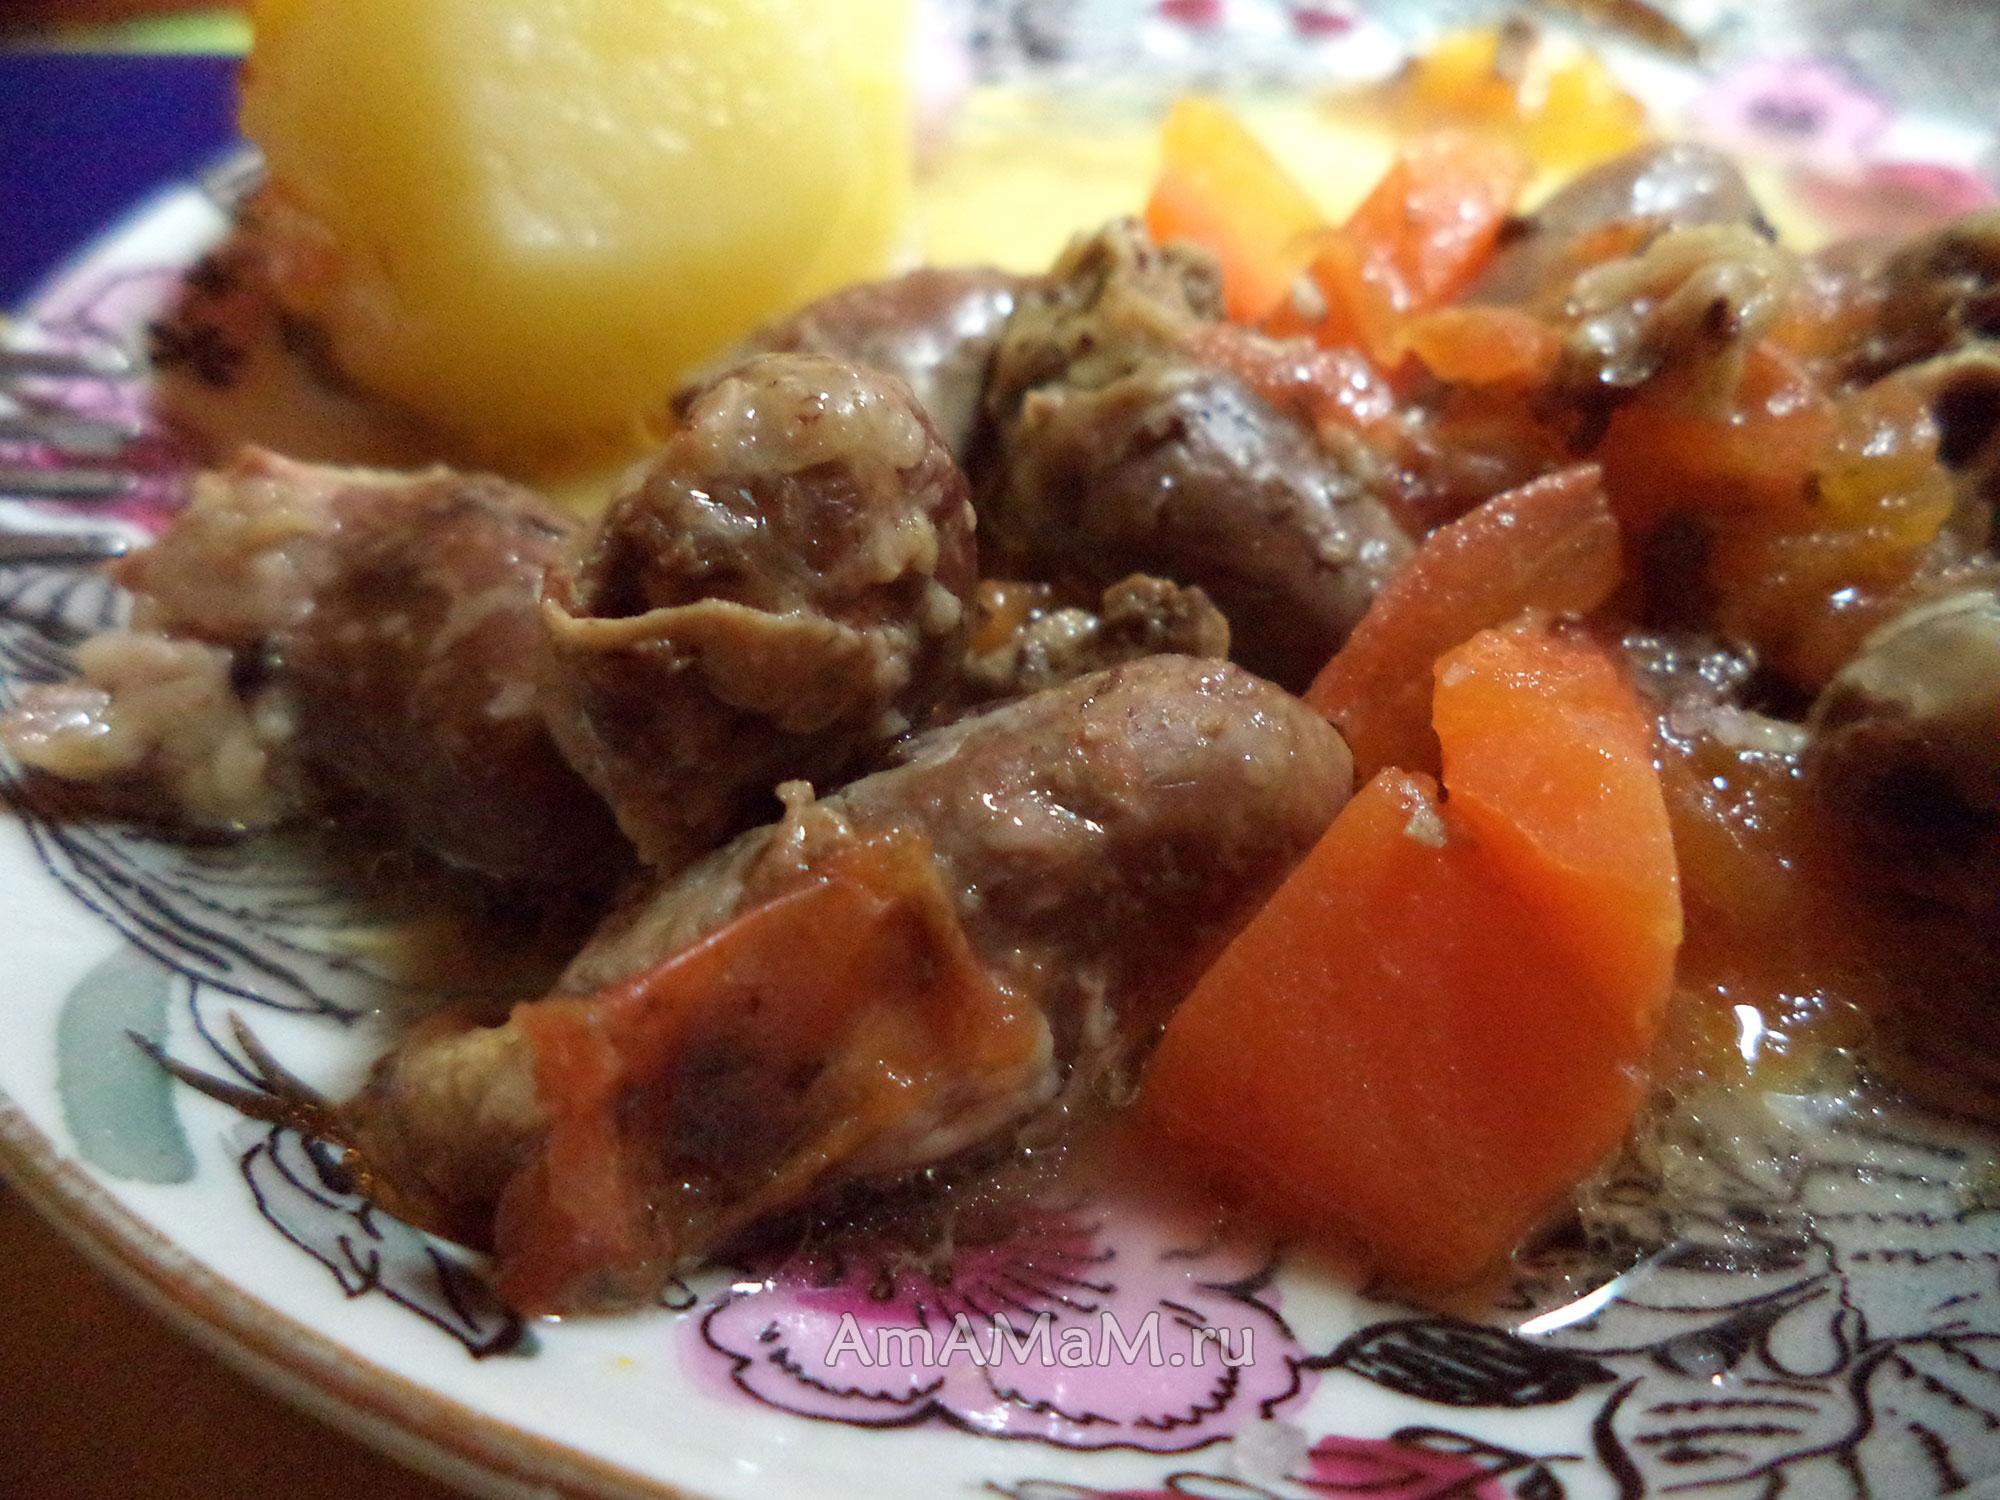 Рецепт приготовления куриных сердечек в сковороде